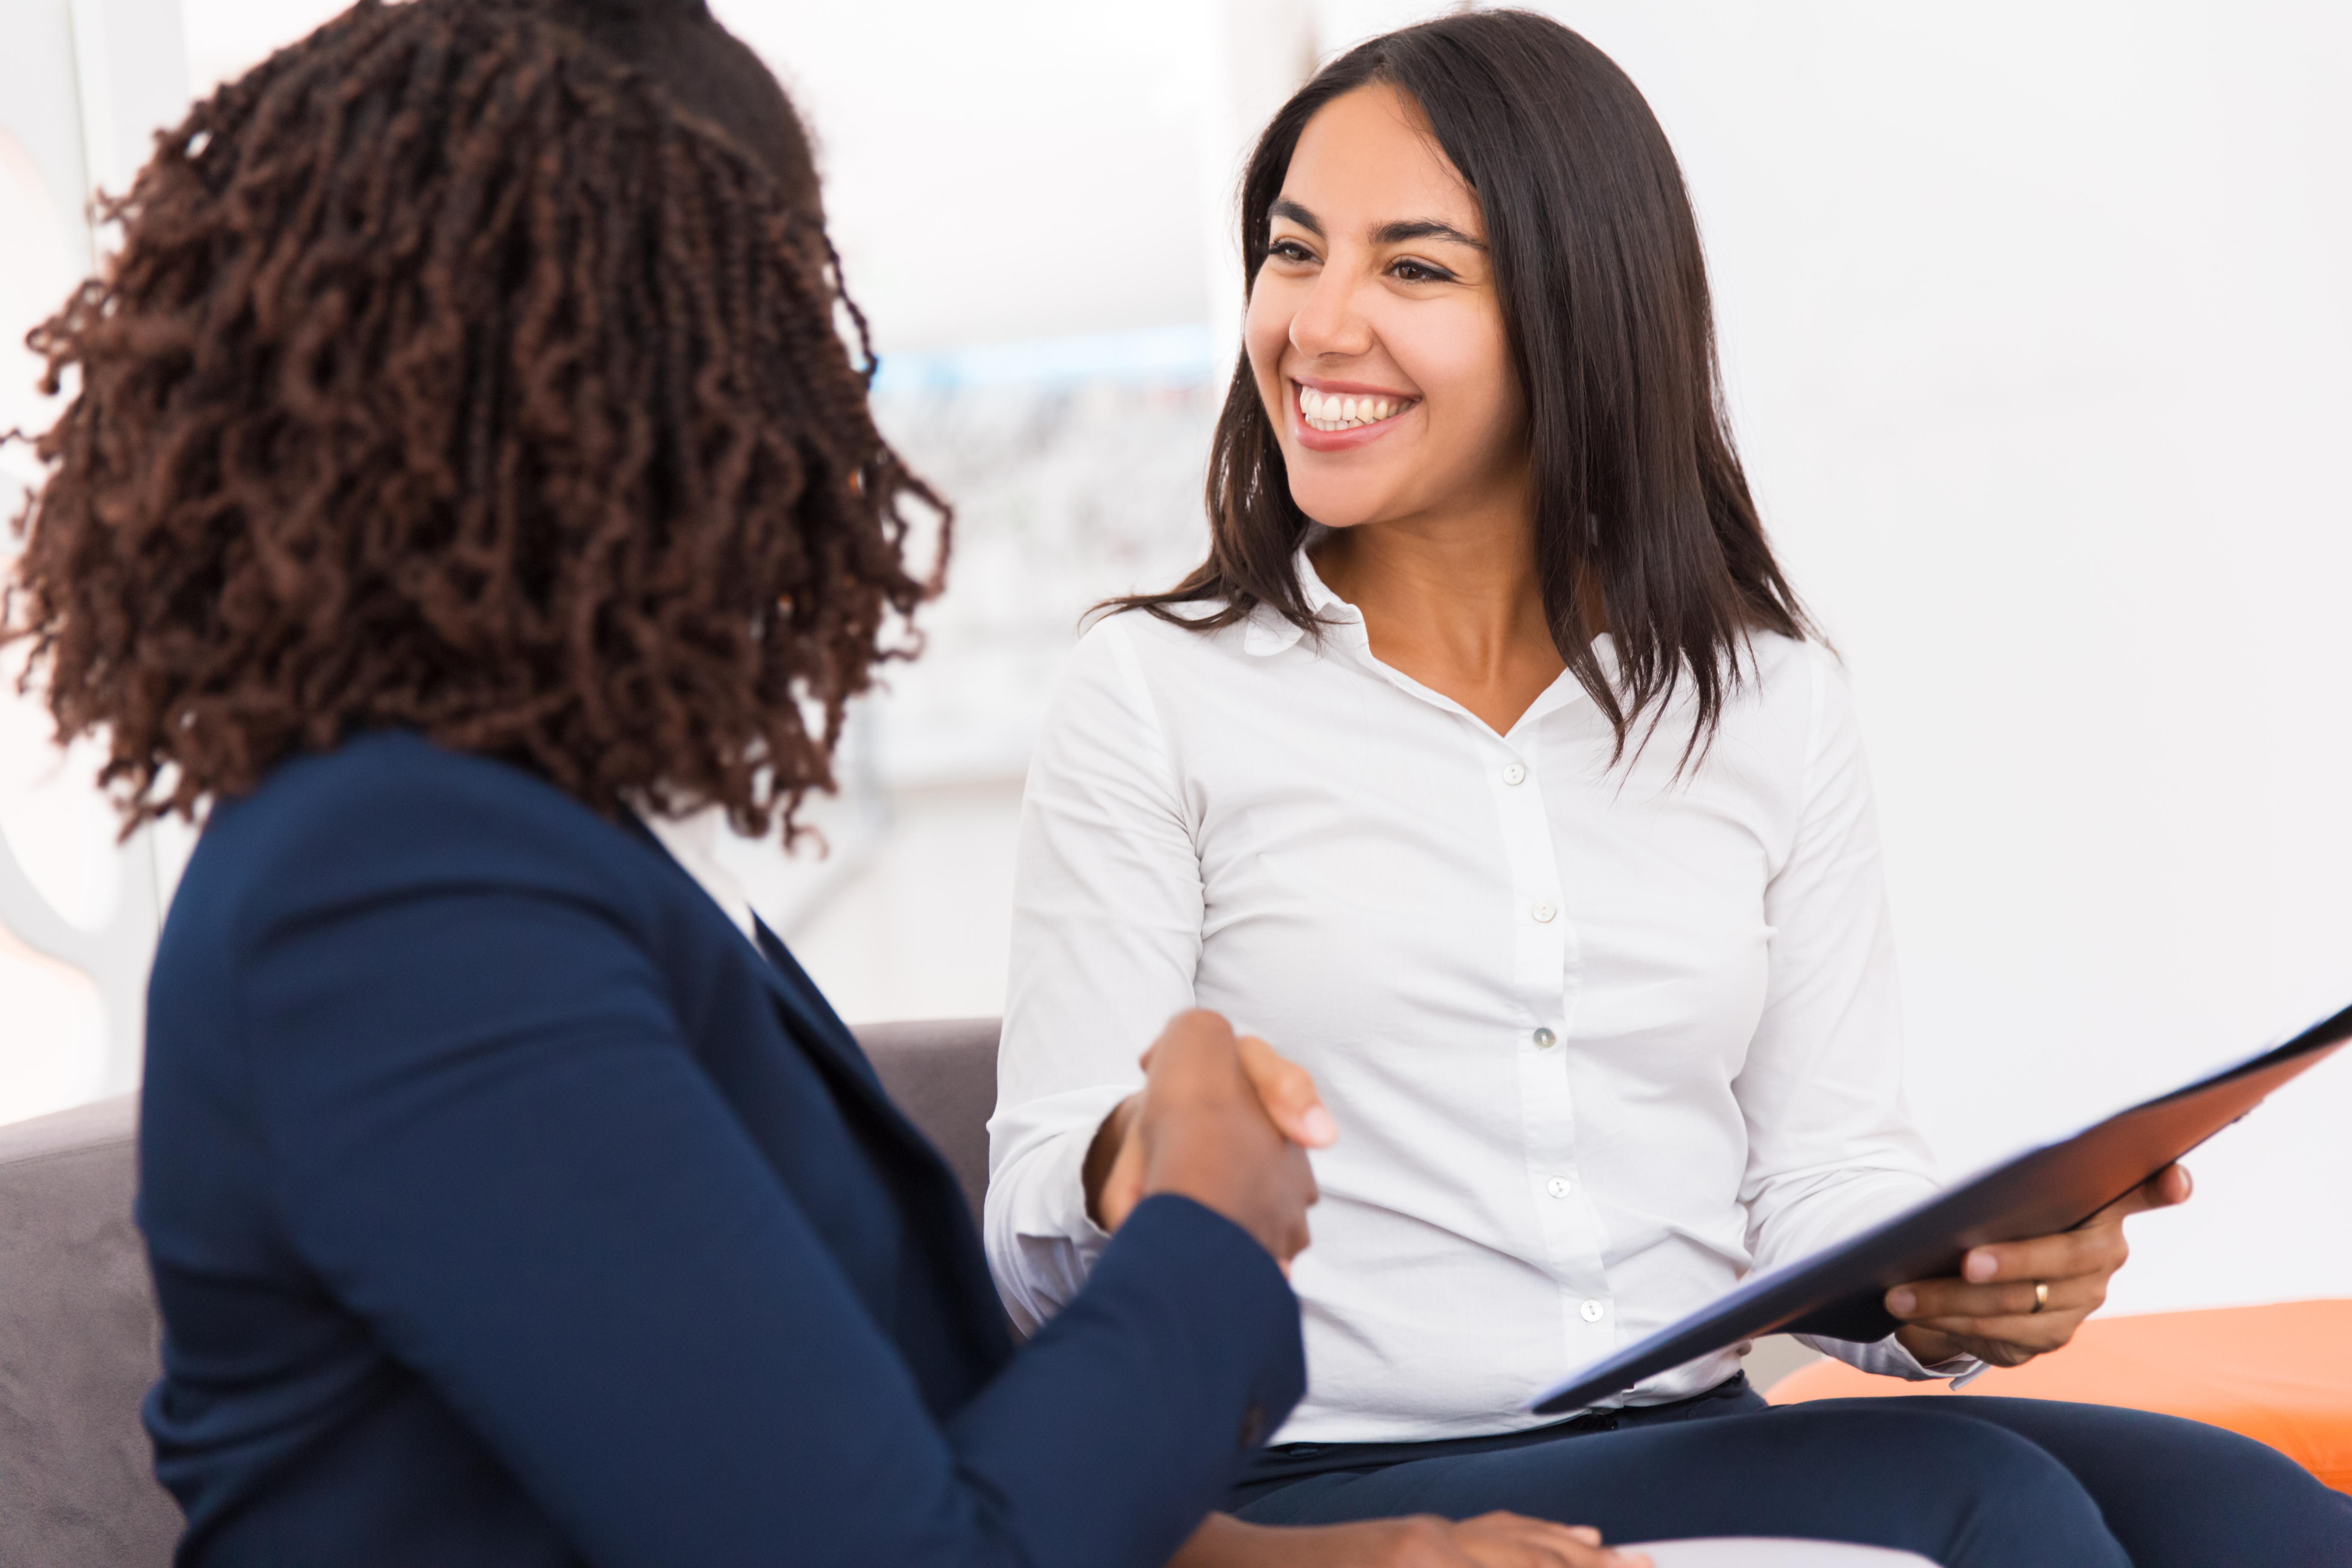 Los mejores cursos de seguros  los mejores cursos de seguros Los mejores cursos de seguros Los mejores cursos de seguros